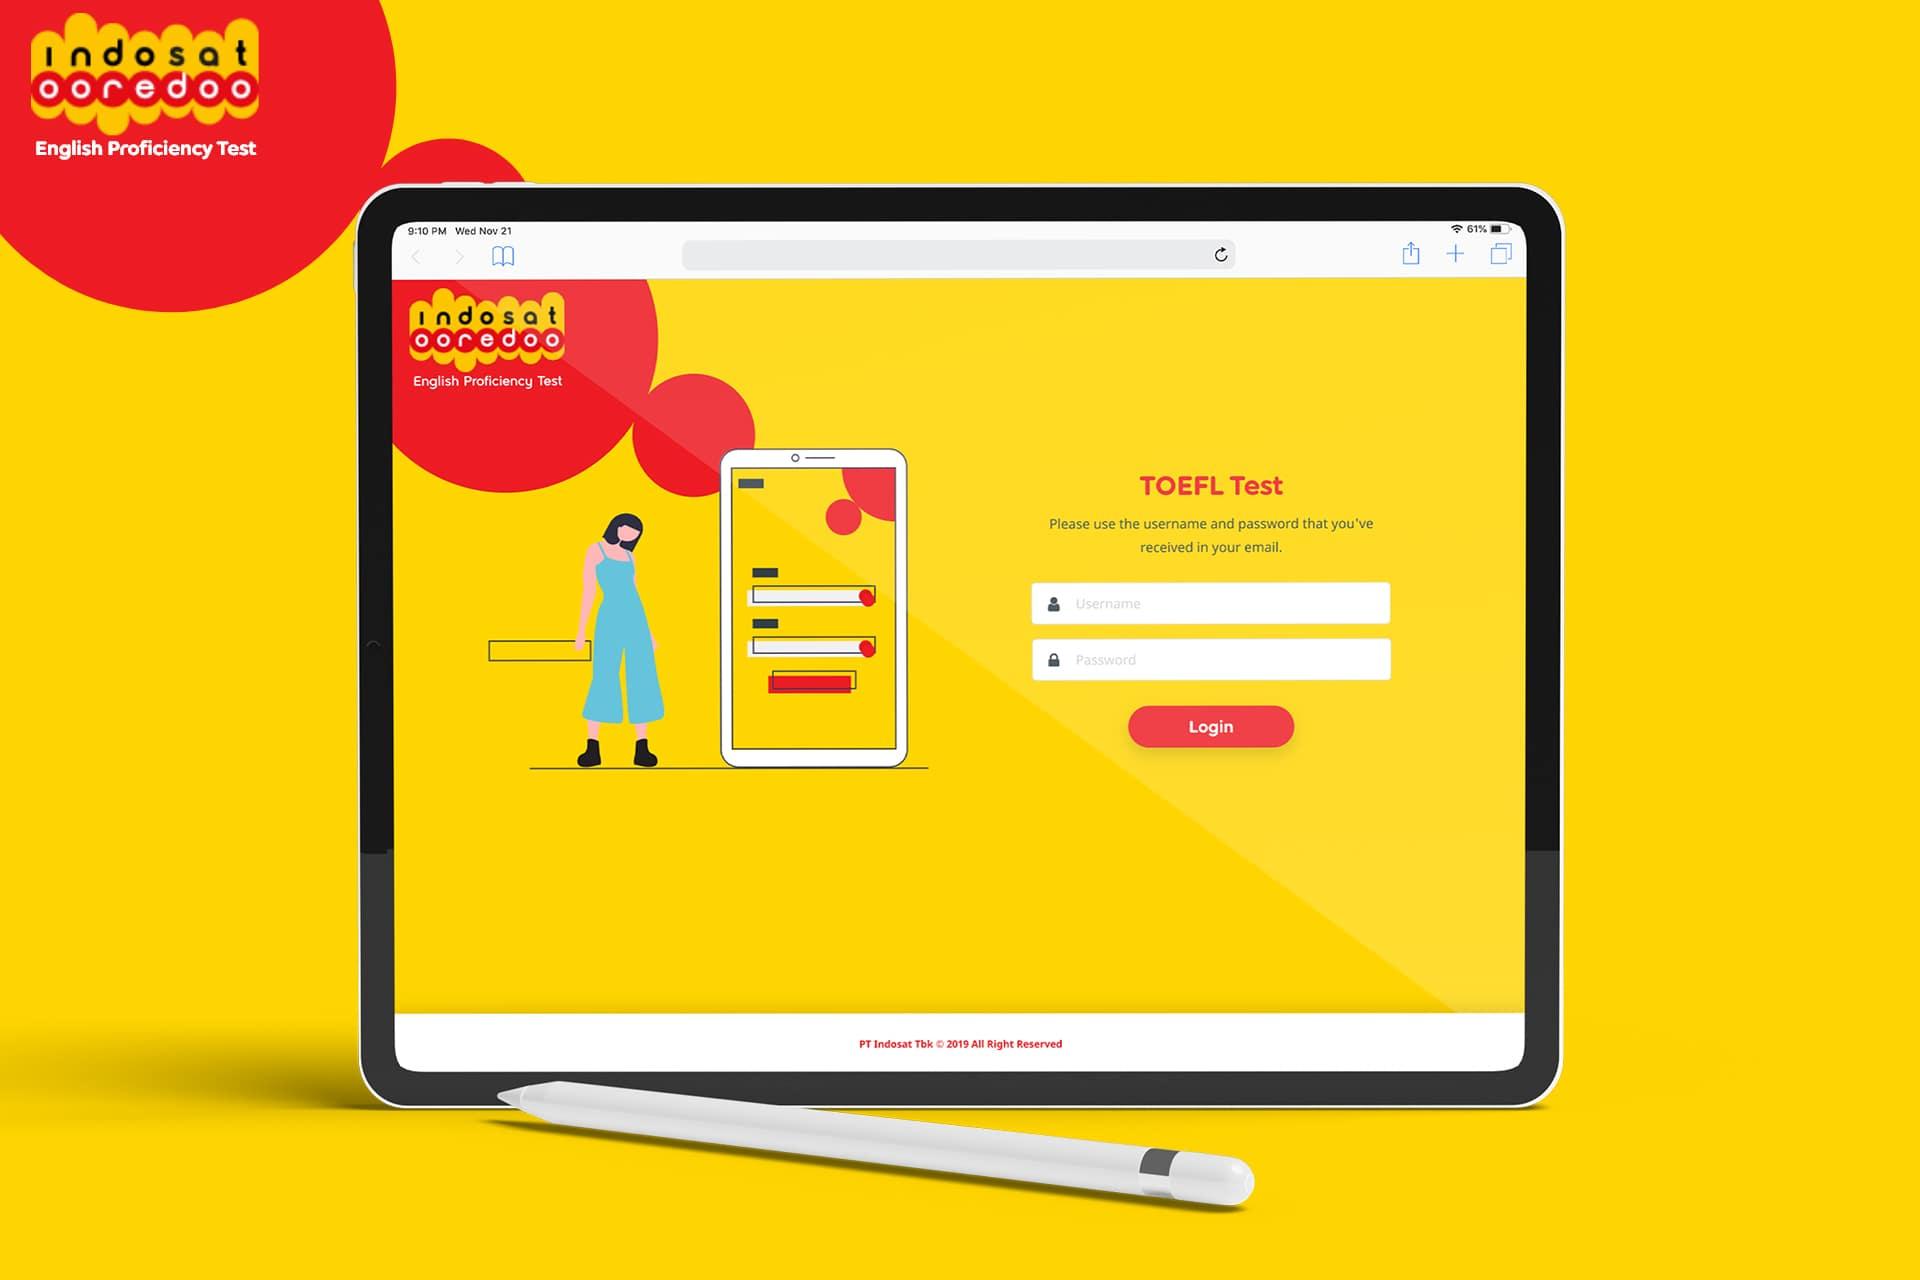 Online Test Website for Indosat Ooredoo